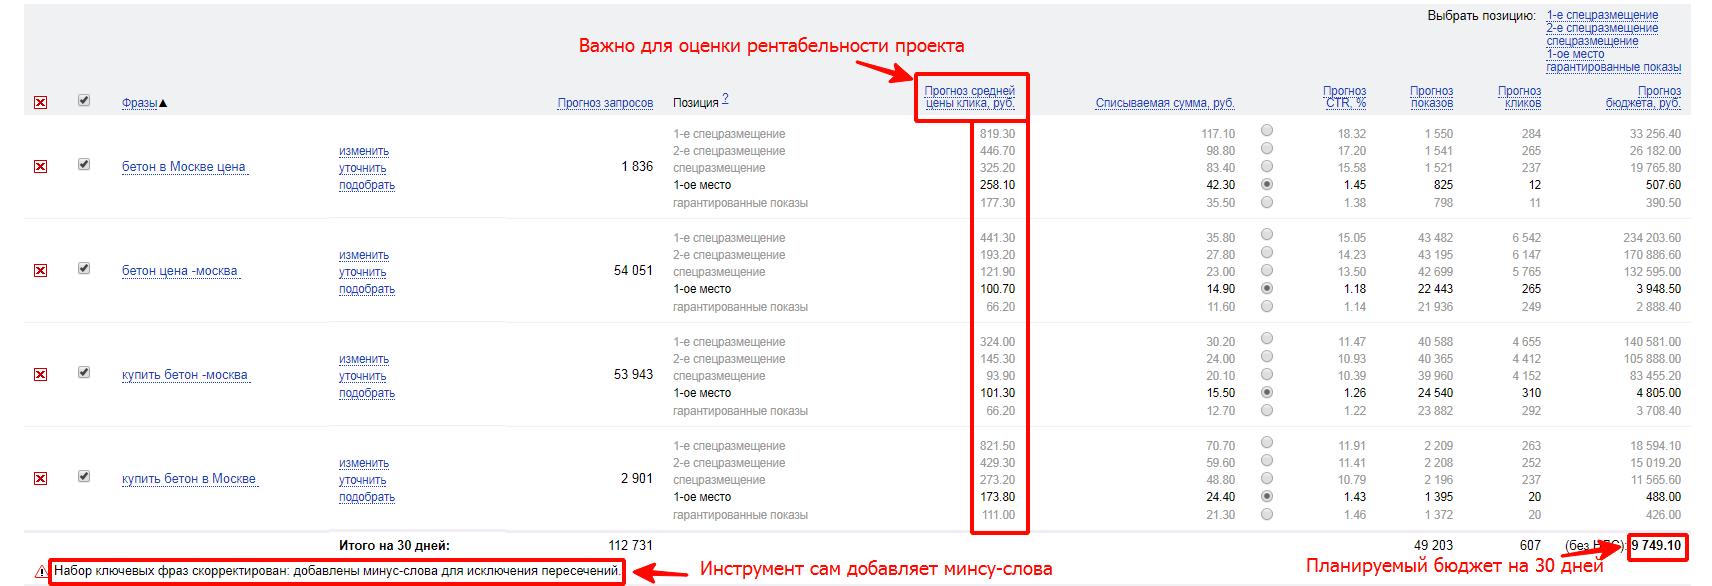 Затраты на контекстную рекламу на яндексе